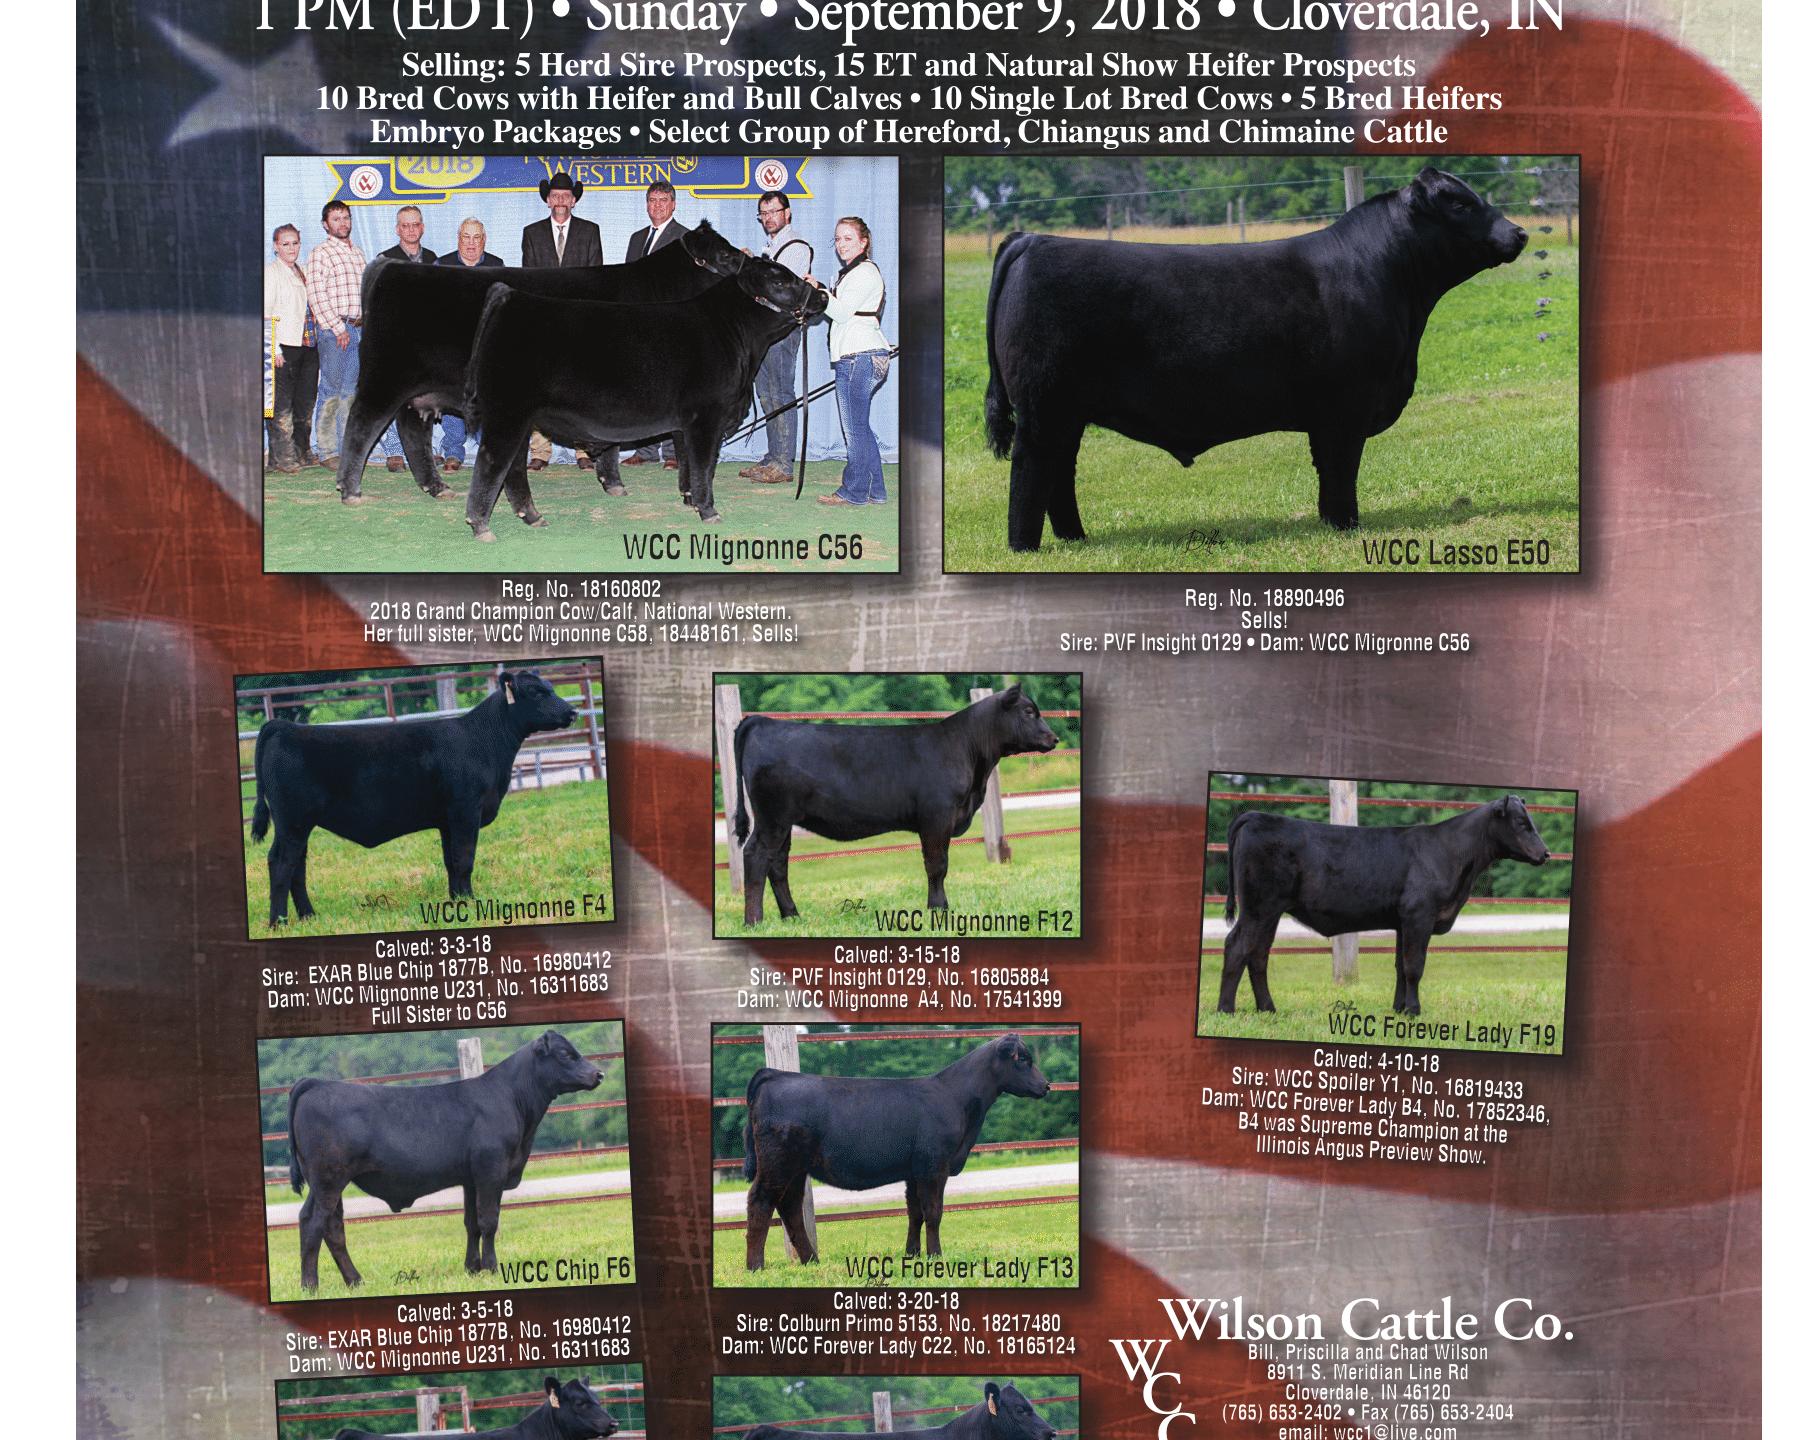 wilson cattle co aj 8-18-1